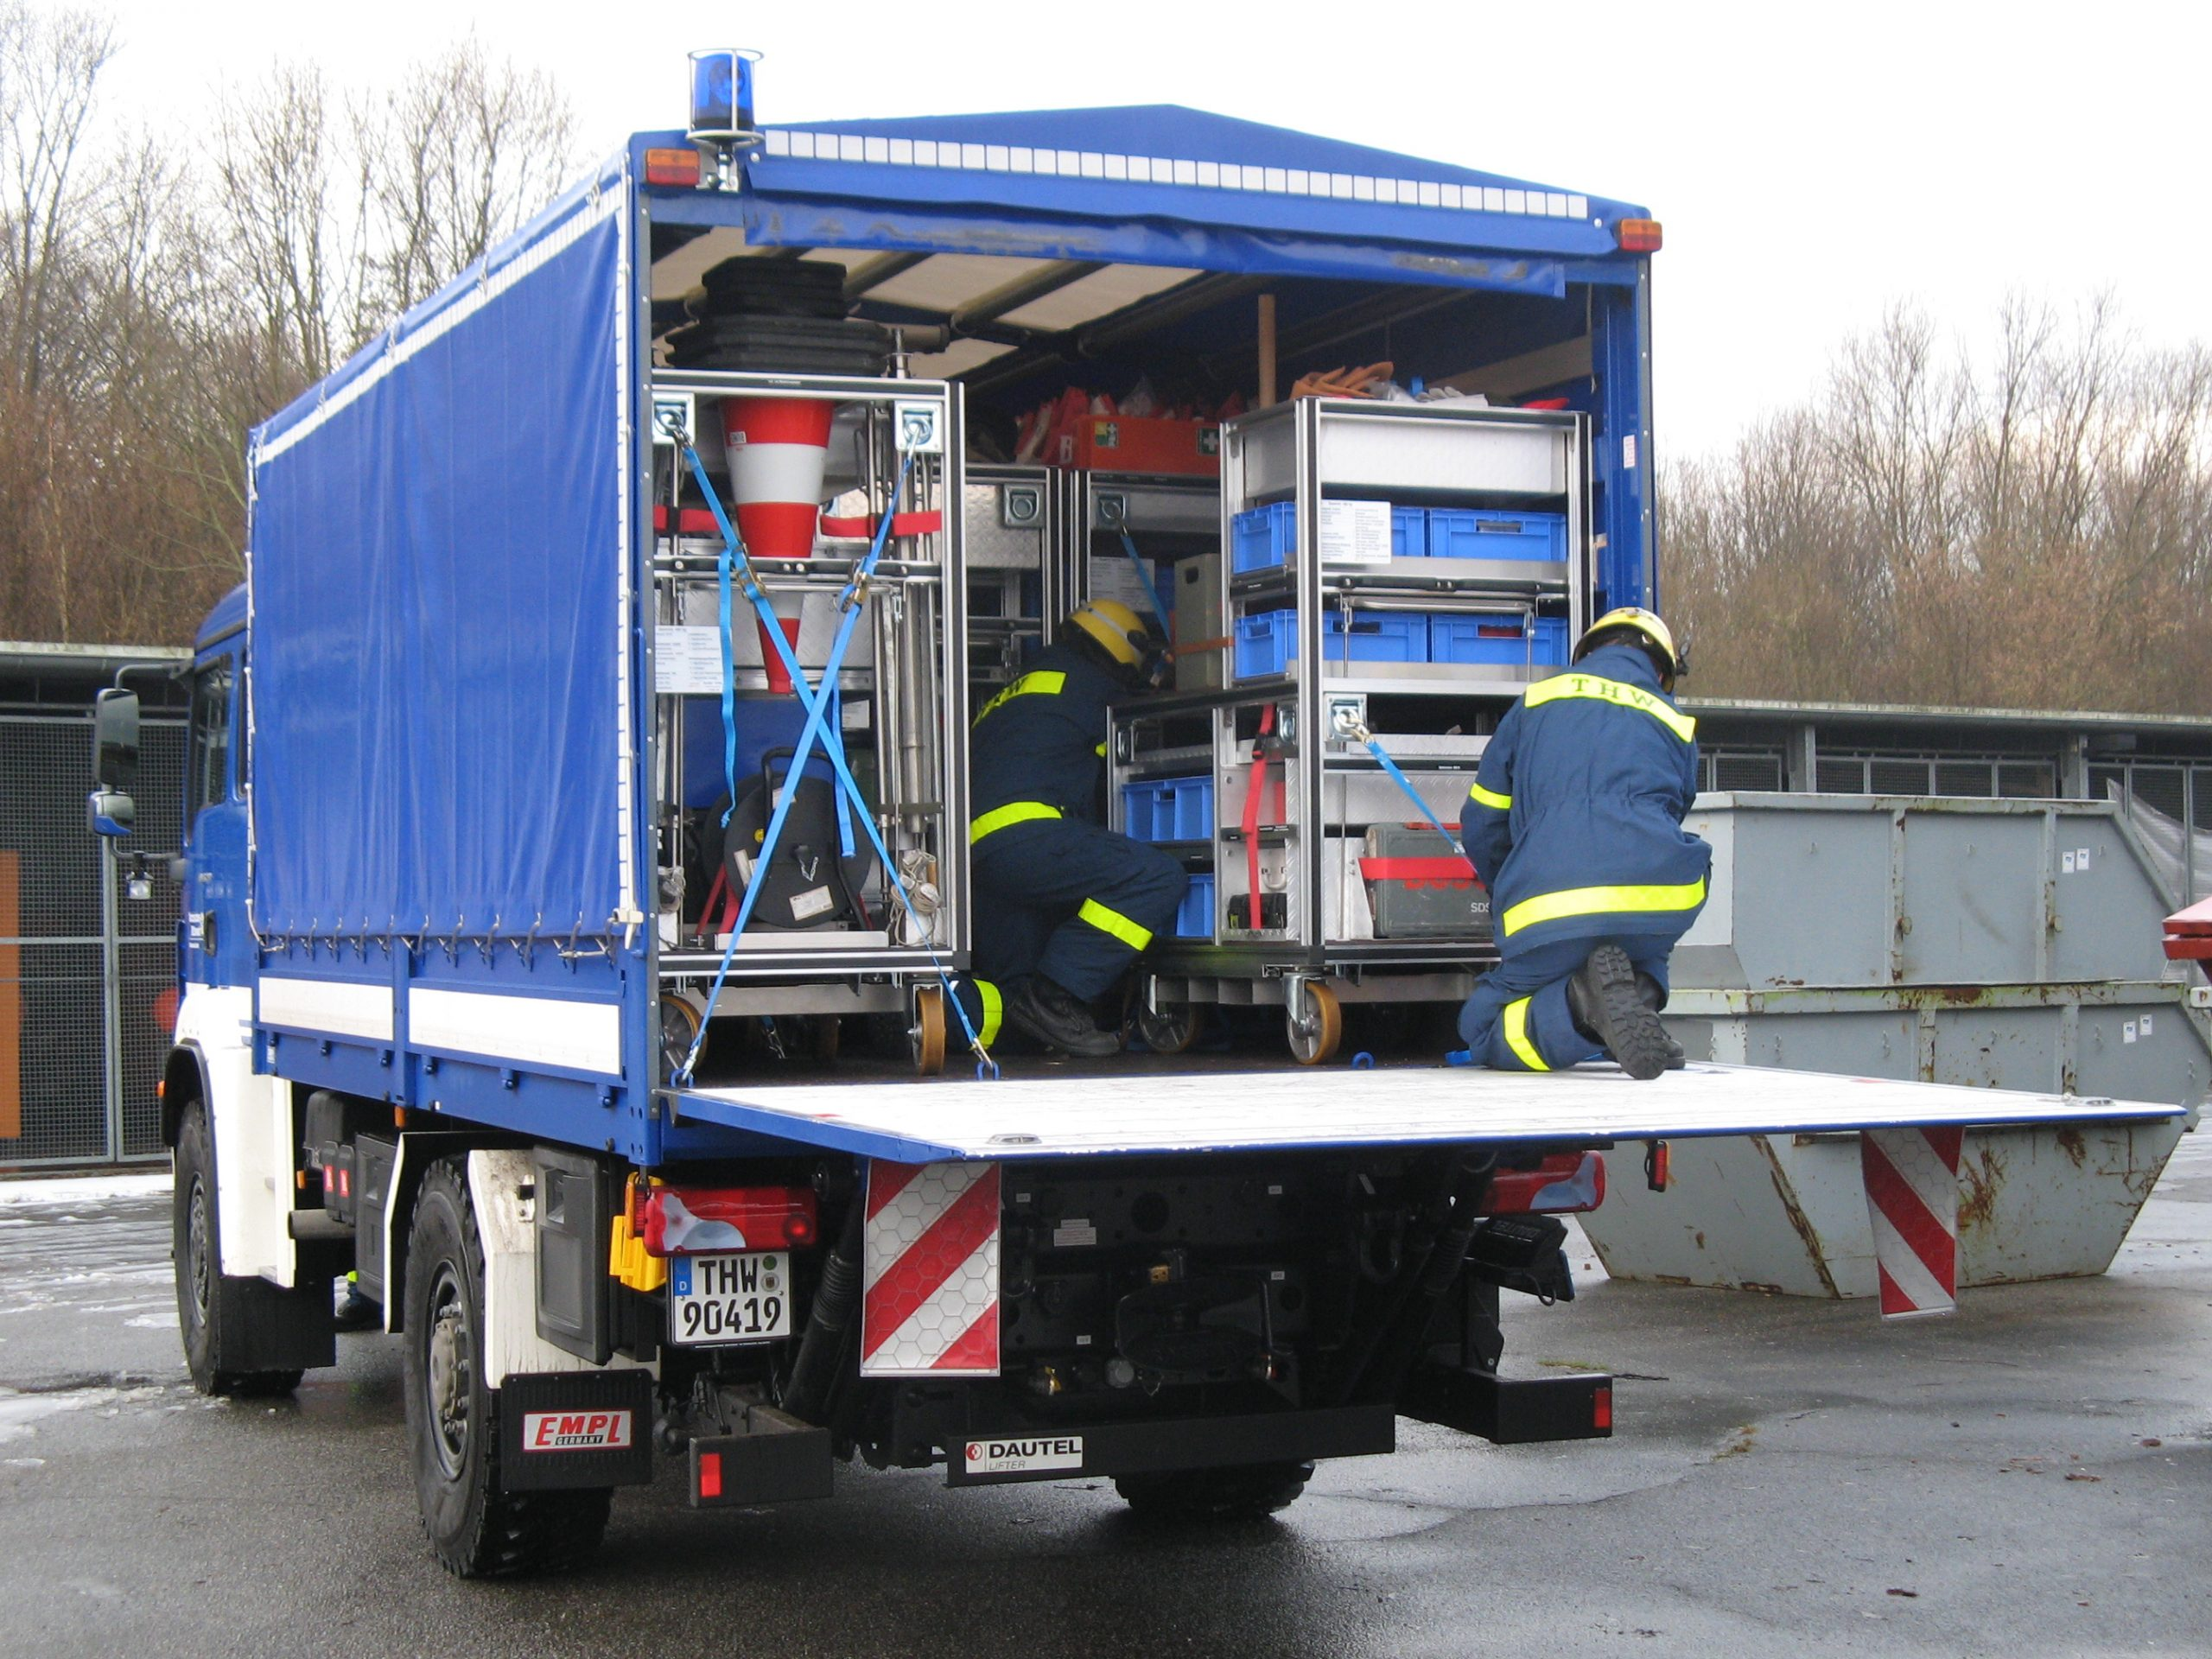 Mit Ladebordwand Ersatzteilen Standzeiten und Ausfälle vermeiden